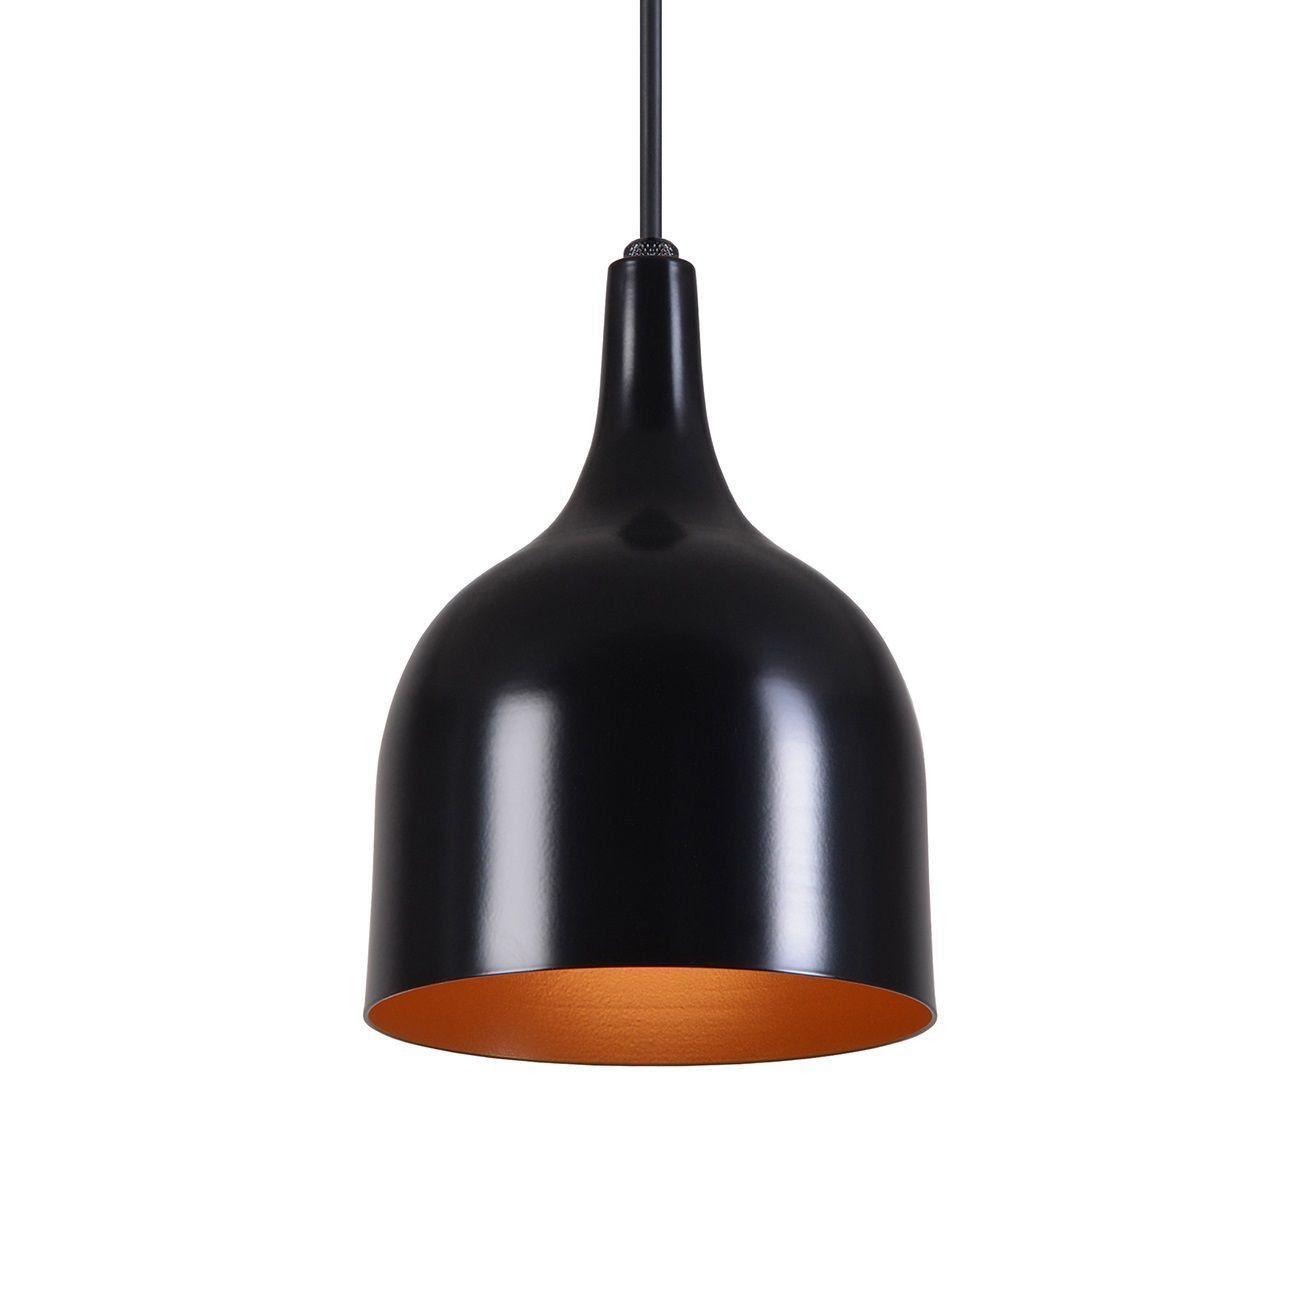 Pendente Gota Teat Luminária Lustre Alumínio Preto Fosco C/ Cobre - Rei Da Iluminação